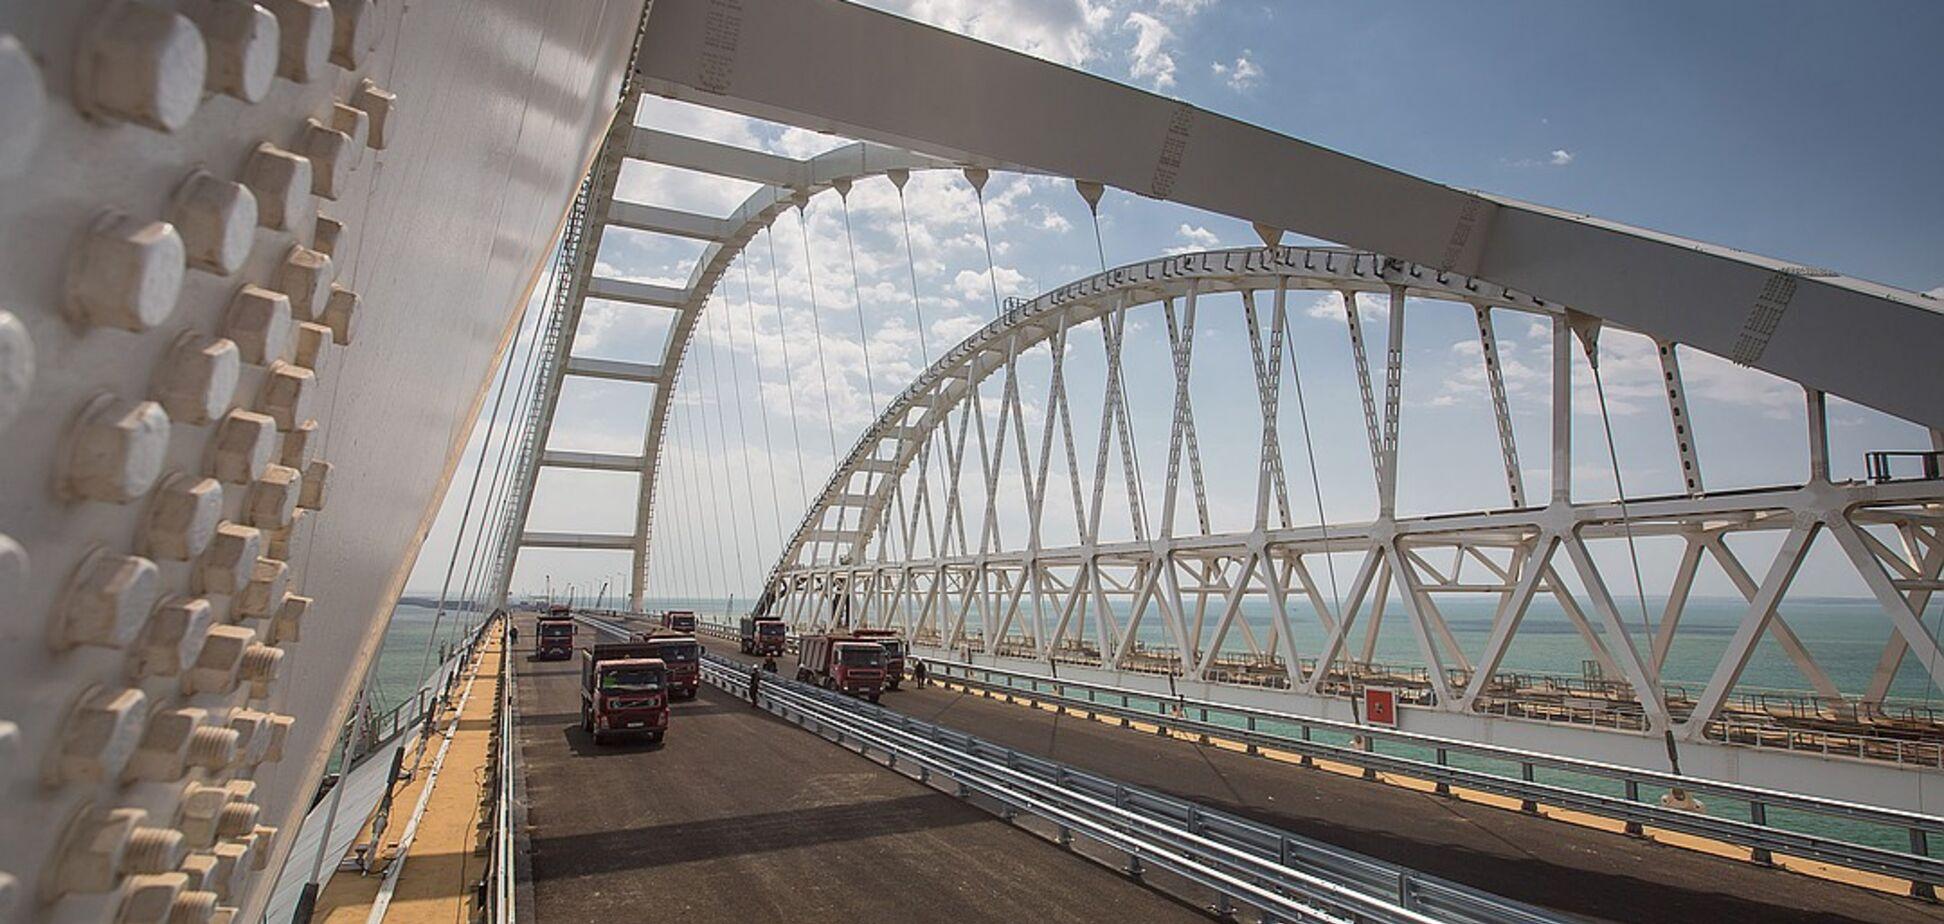 'Ждут моста': в сети показали 'ажиотаж' в оккупированном Крыму